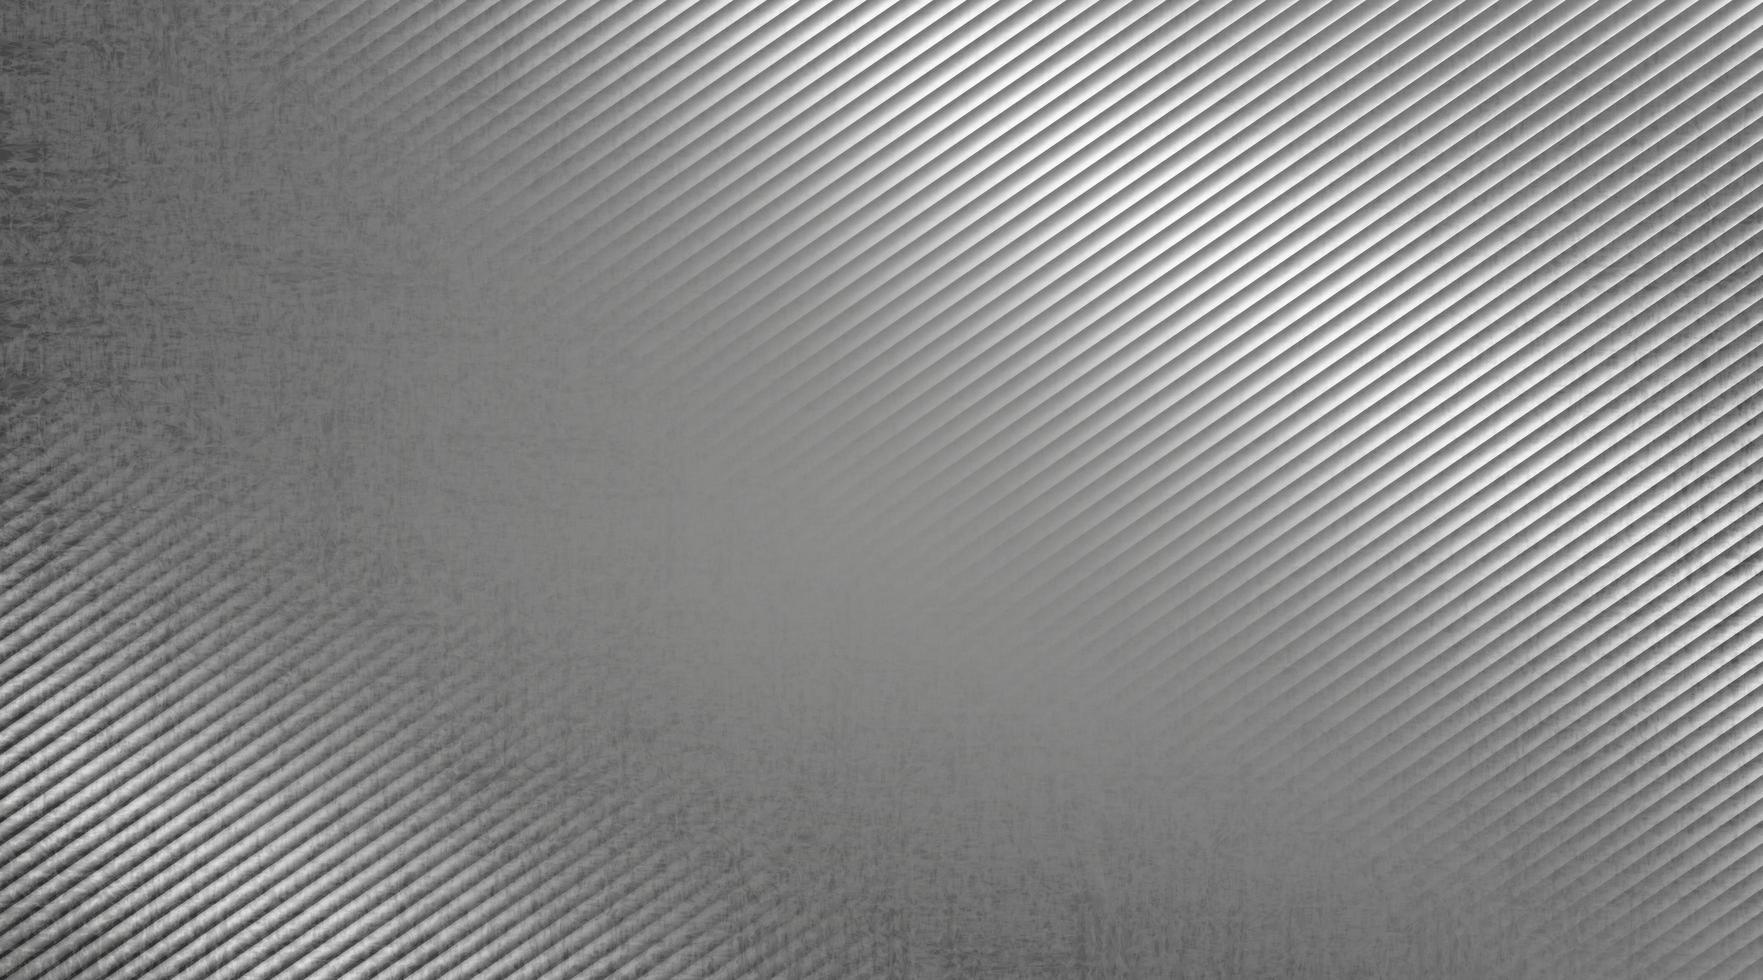 vettore sfondo grigio acciaio